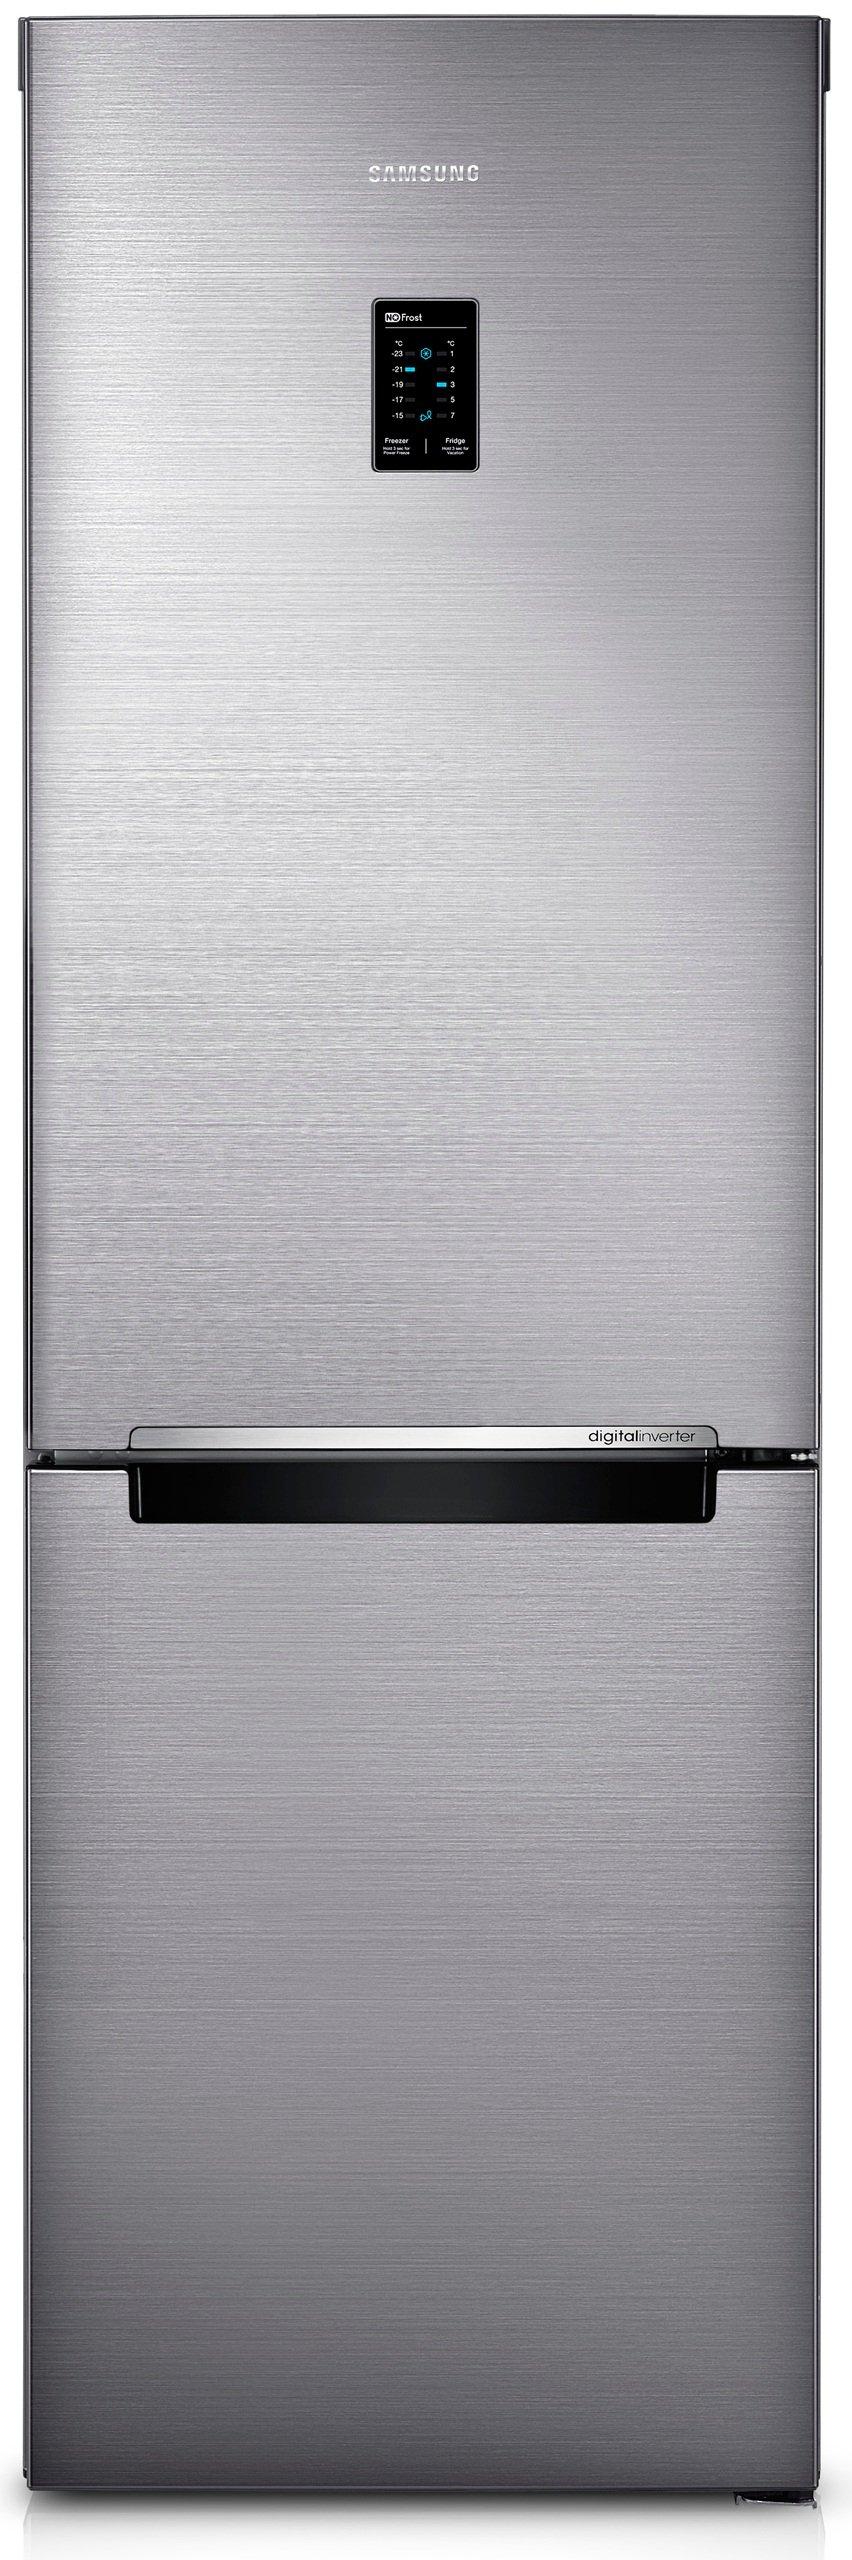 Samsung RB31FERNDSS - Frigorífico Combi Rb31Ferndss/Ef No Frost ...